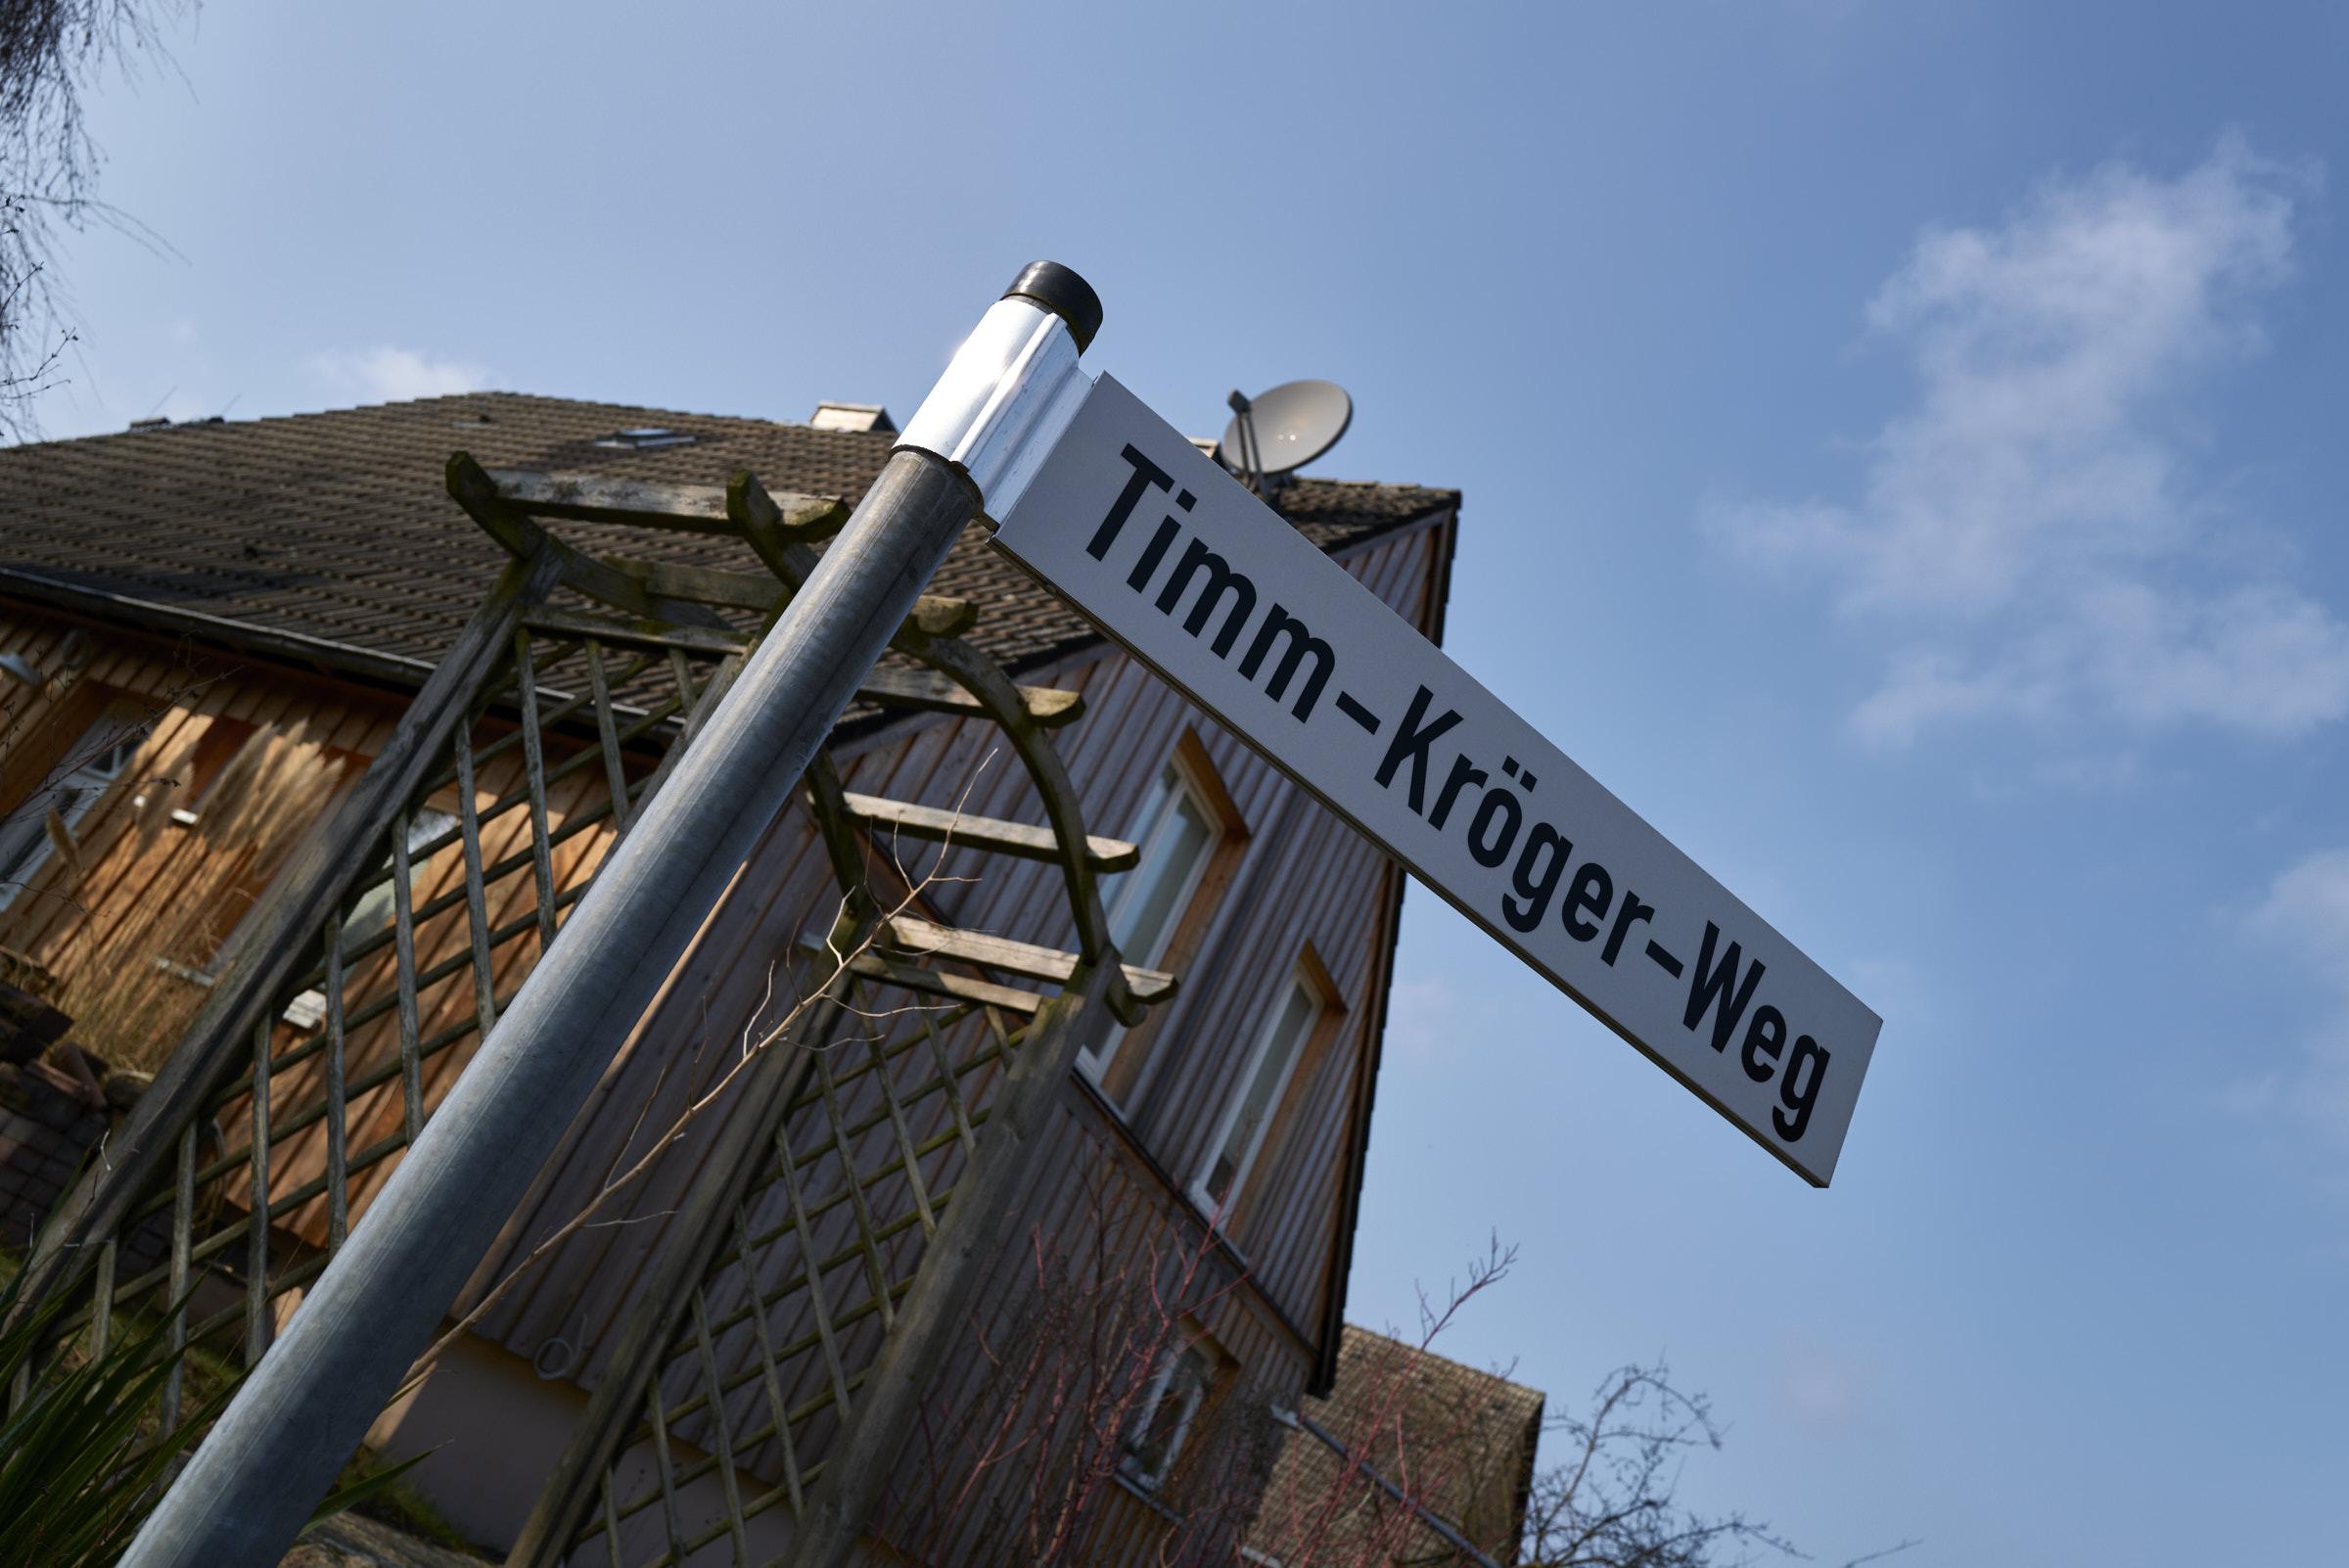 Tim-Kroeger-Weg_2